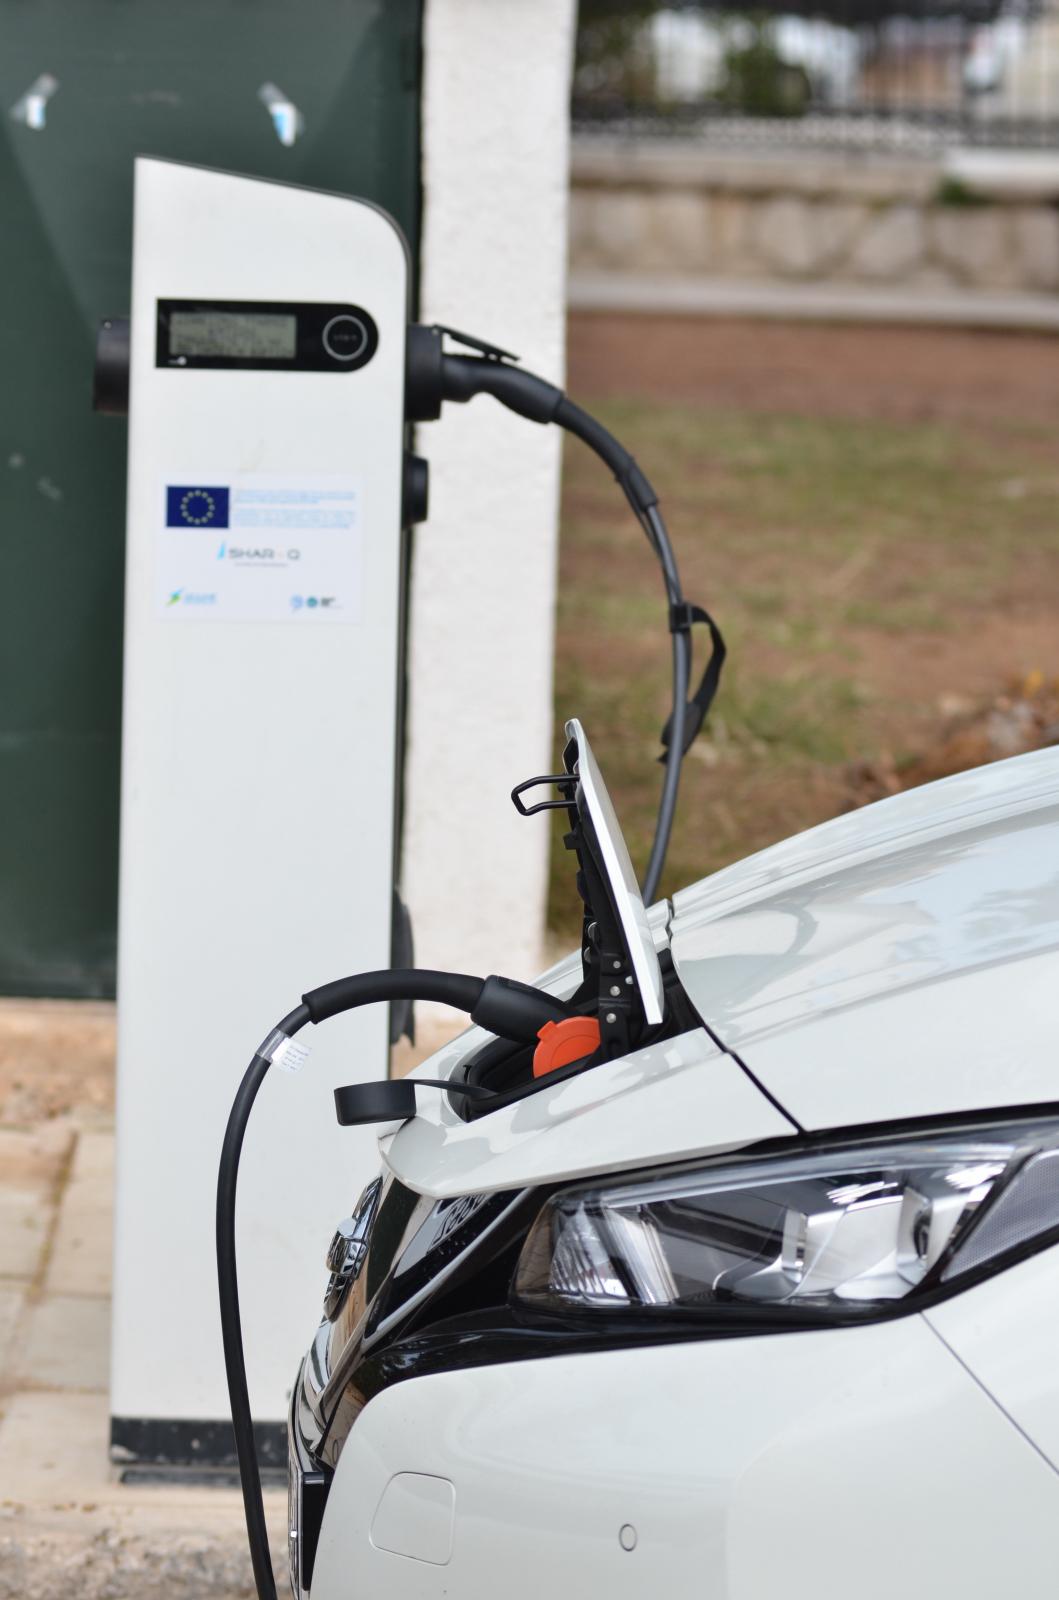 Η LeasePlan έχει δεσμευτεί να επιταχύνει τη διάδοση χρήσης ηλεκτρικών οχημάτων στους εταιρικούς στόλους, καθώς παγκοσμίως σήμερα, περισσότερα από τα μισά αυτοκίνητα στους δρόμους ανήκουν σε εταιρείες, γεγονός που καθιστά τους εταιρικούς στόλους μια φυσική αφετηρία για τη μετάβαση στην ηλεκτροκίνηση. Τέλος, η εταιρεία, οδηγούμενη από αυτή τη δέσμευση και με 1,8 εκατομμύρια οχήματα στους δρόμους, έχει αναλάβει ηγετικό ρόλο στη μετάβαση από τους κινητήρες εσωτερικής καύσης σε εναλλακτικά συστήματα μετάδοσης κίνησης, με στόχο μηδενικές εκπομπές ρύπων ως το 2030, ενώ αξίζει να σημειωθεί πως στοχεύει, στην αντικατάσταση του στόλου οχημάτων των εργαζομένων της με ηλεκτρικά οχήματα ως το 2021.